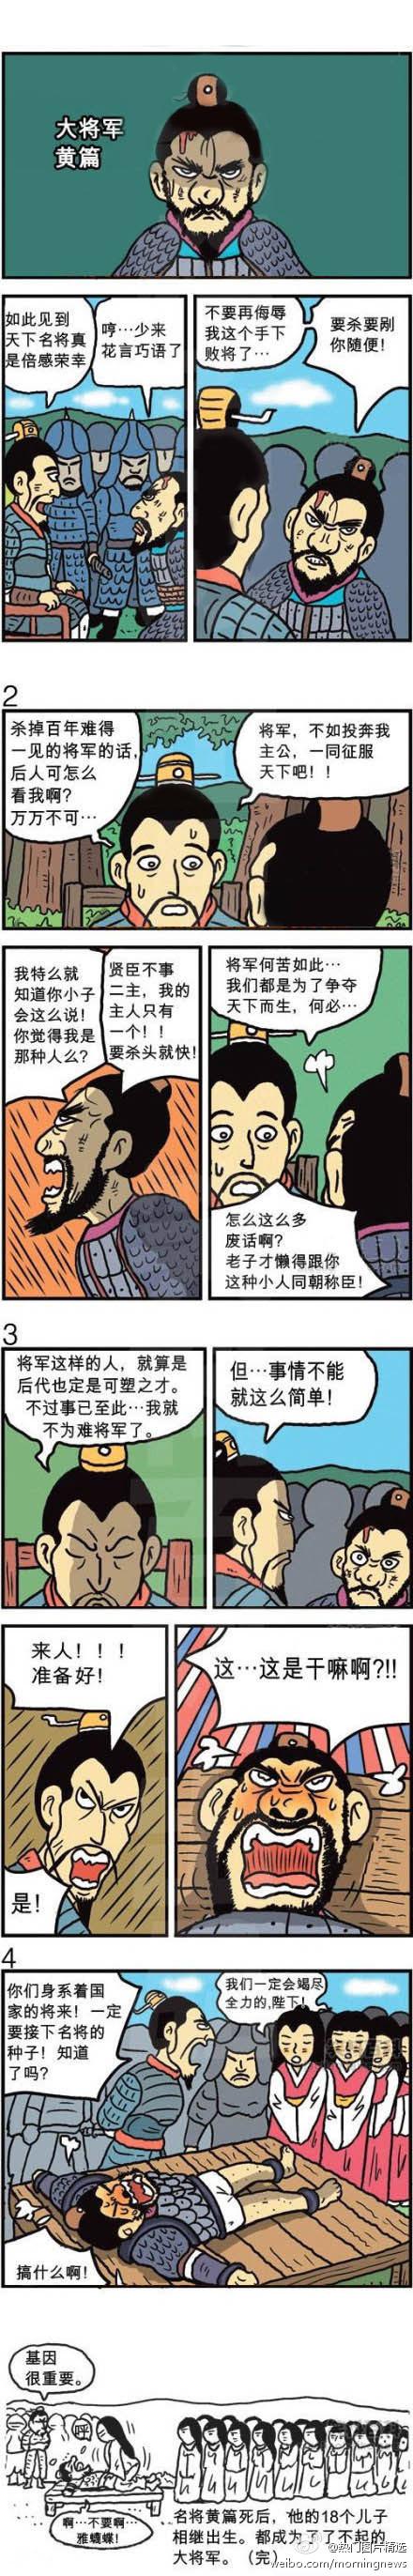 邪恶小漫画:将军你死得光荣